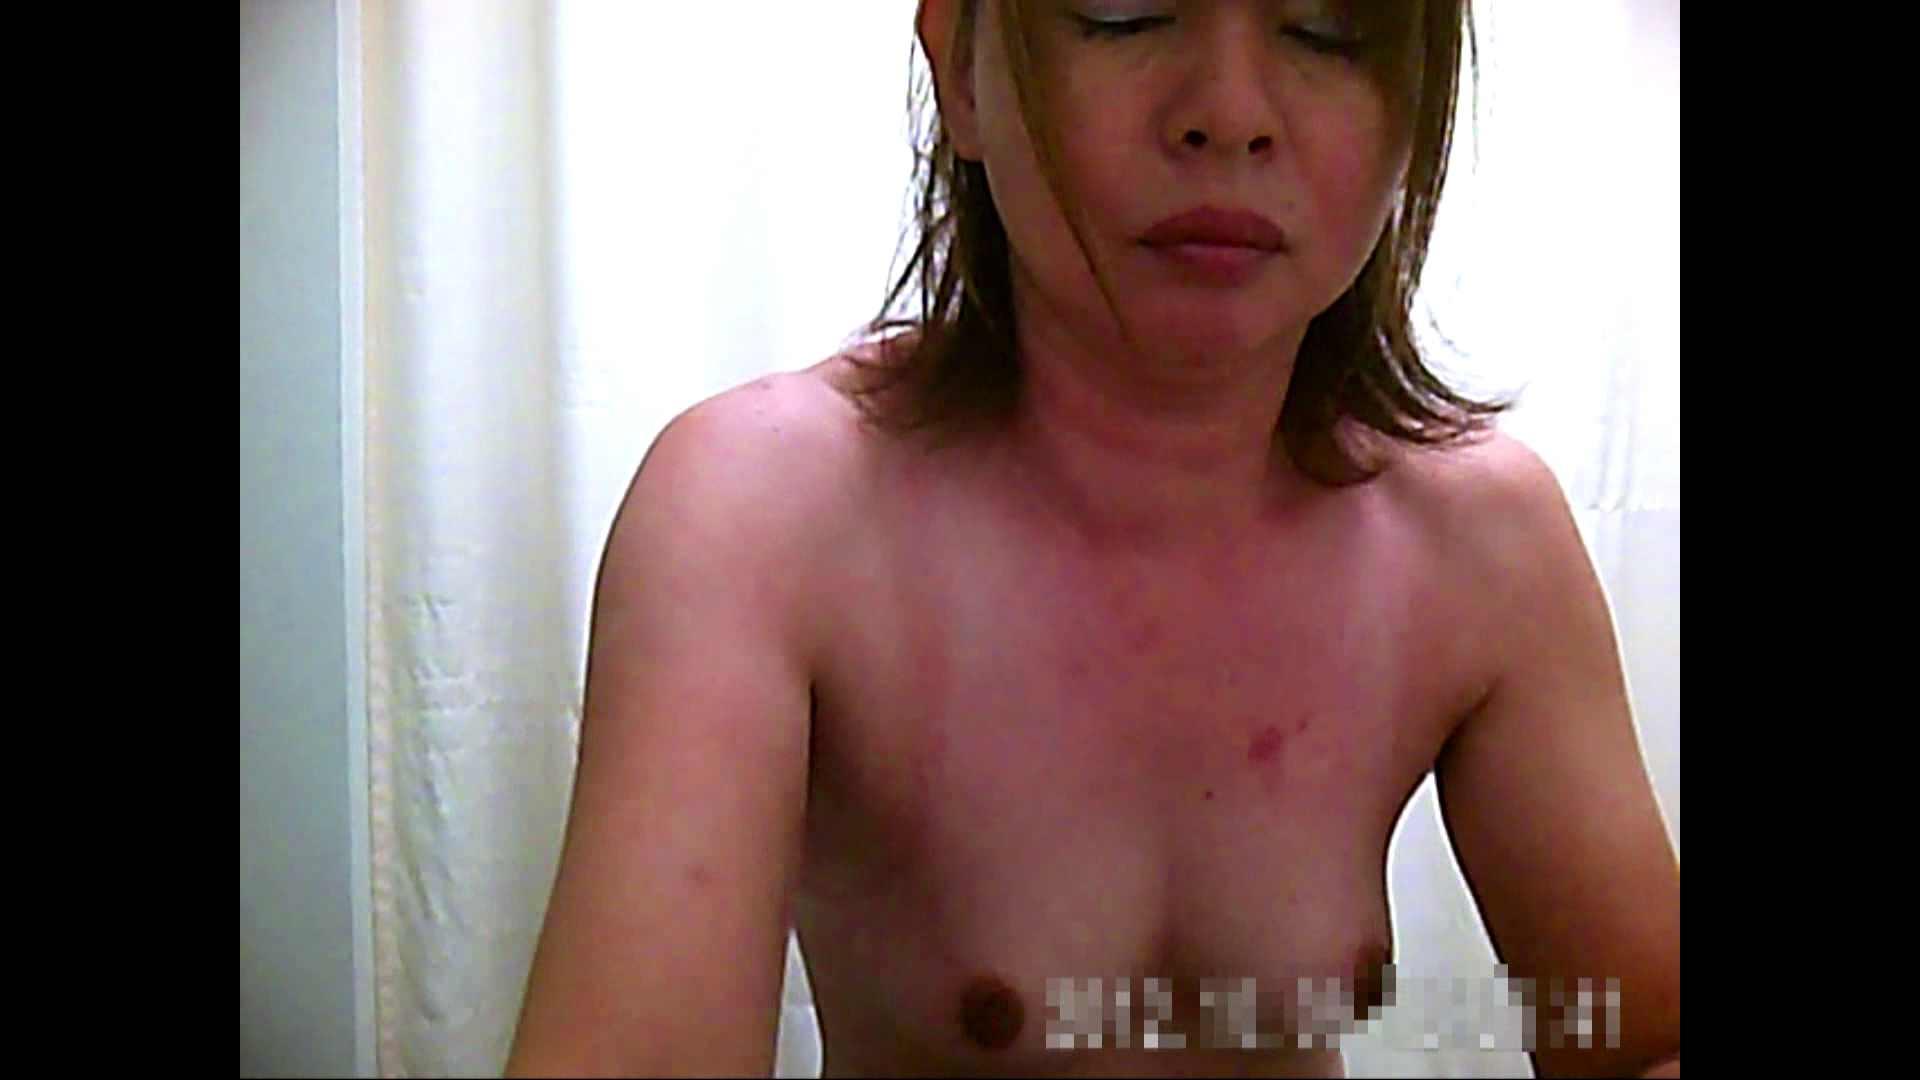 元医者による反抗 更衣室地獄絵巻 vol.066 エッチなお姉さん セックス画像 79画像 71